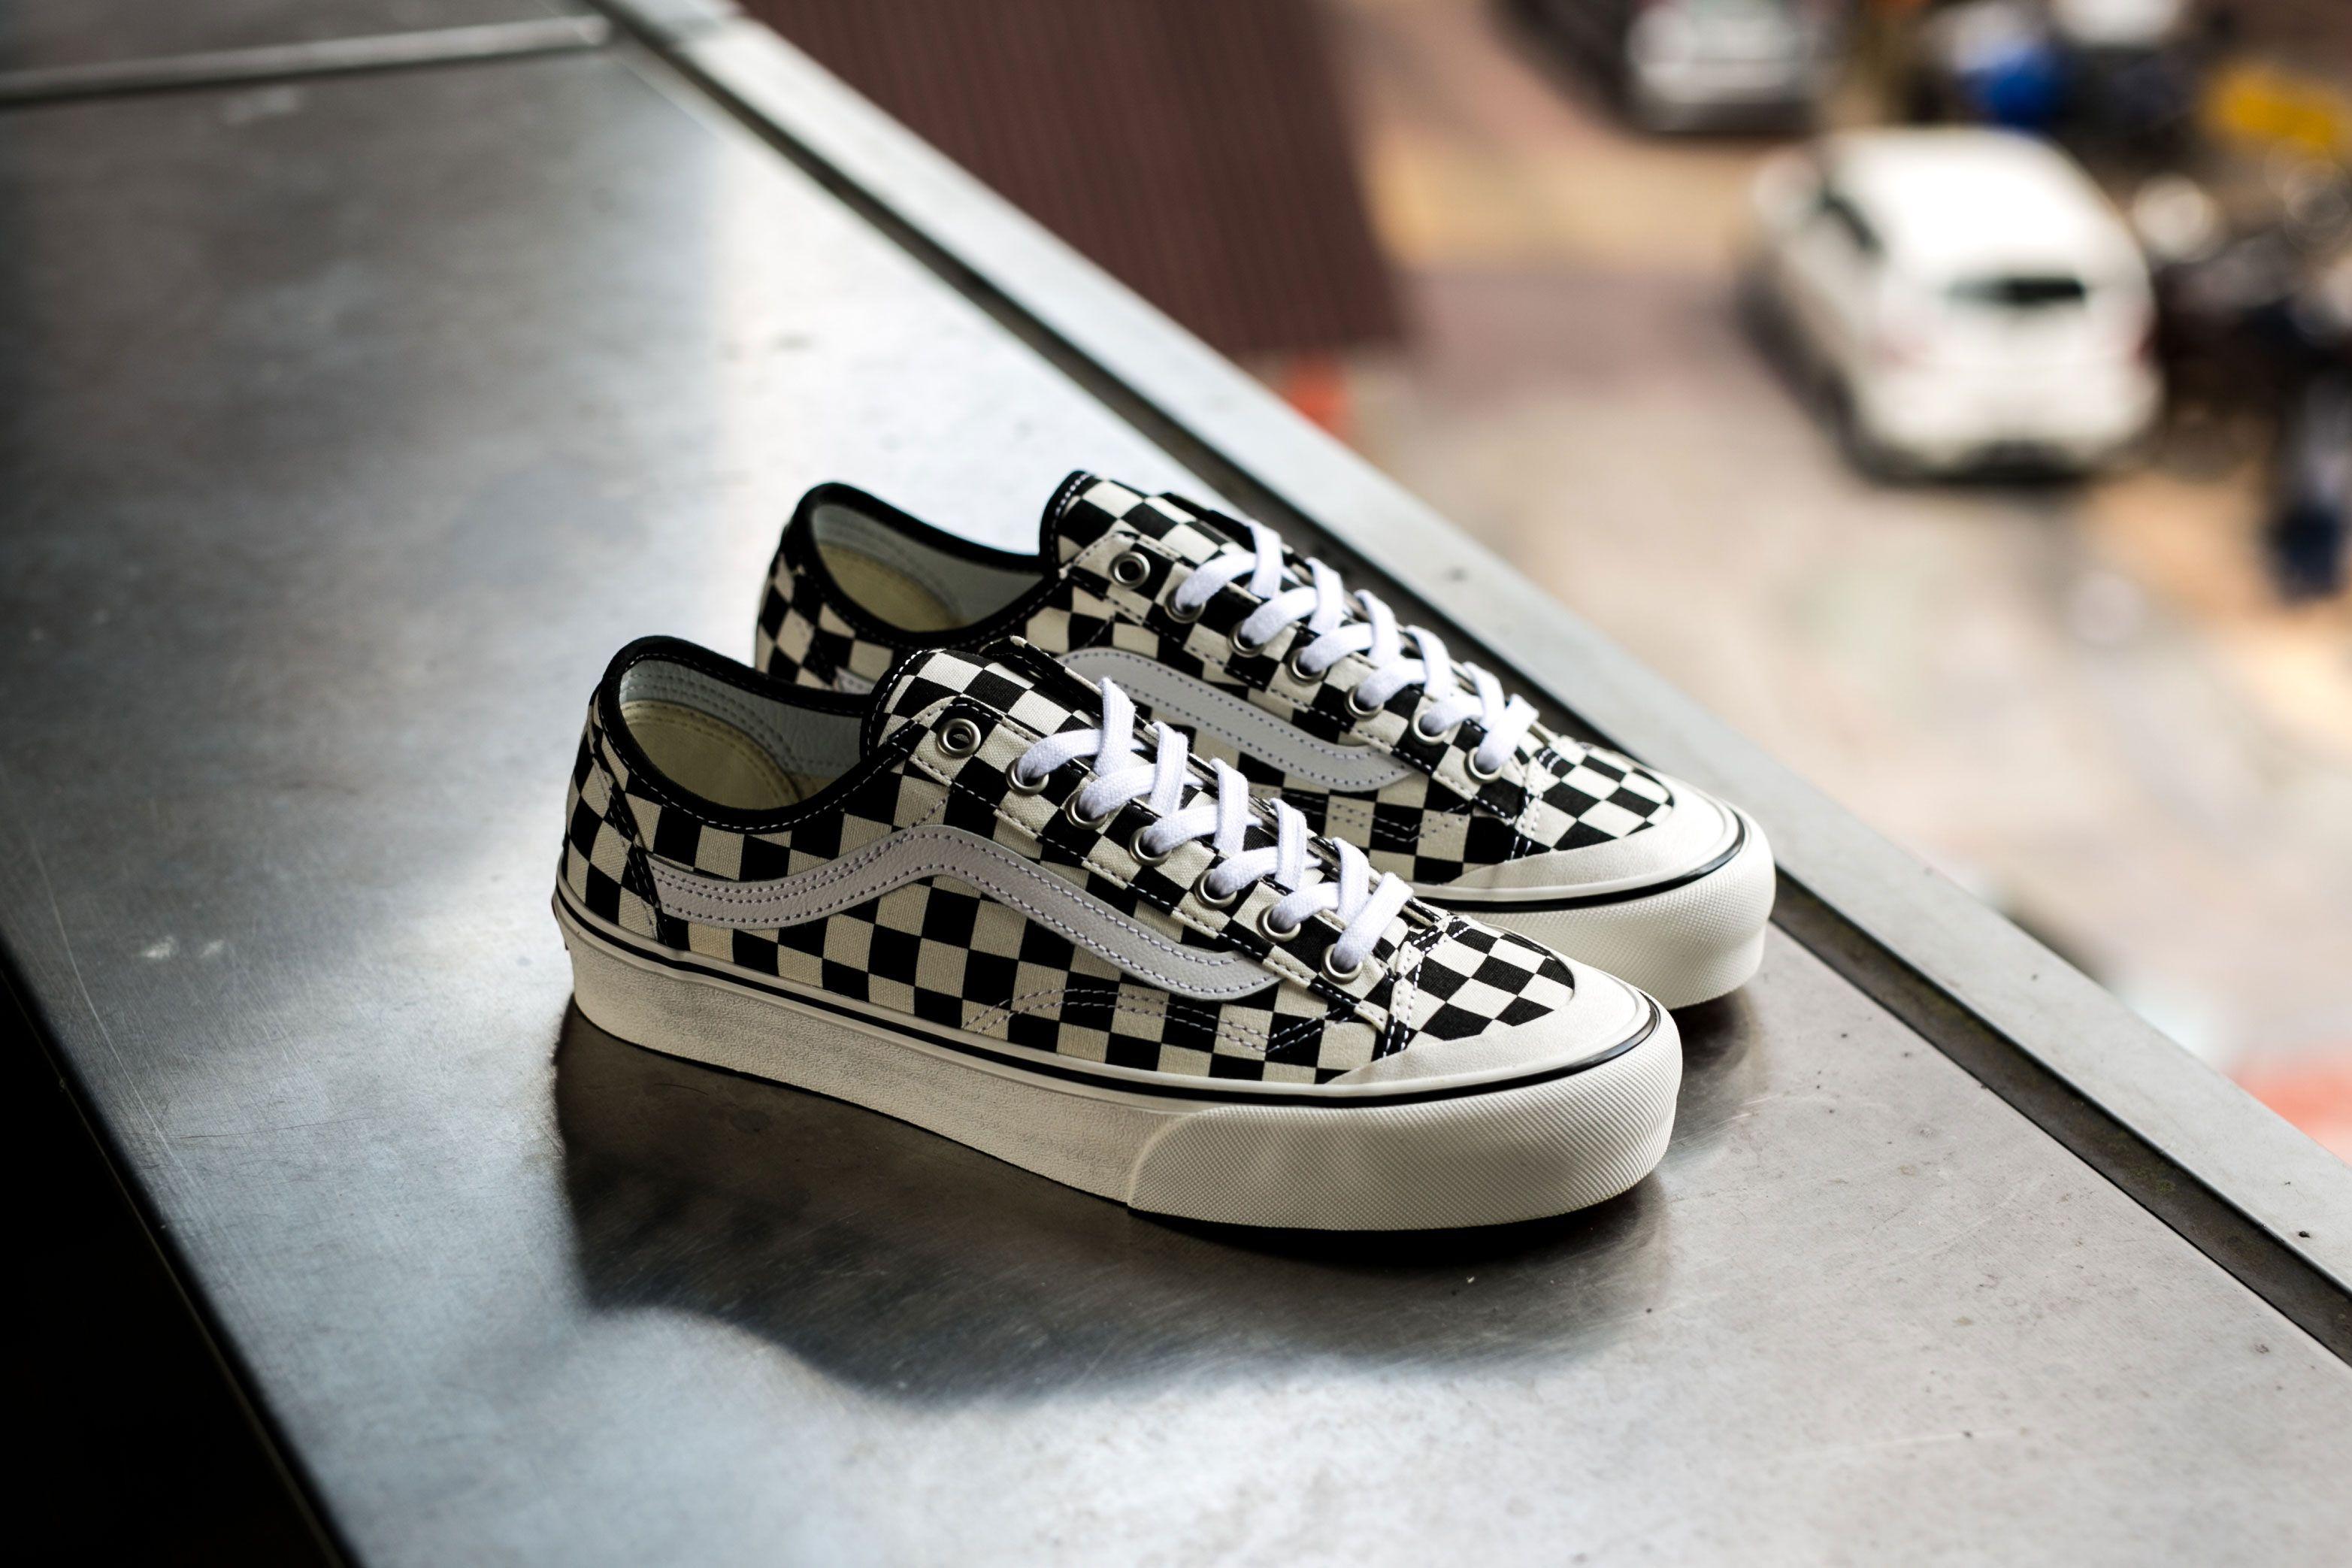 vans style 36 sneakers in checkerboard